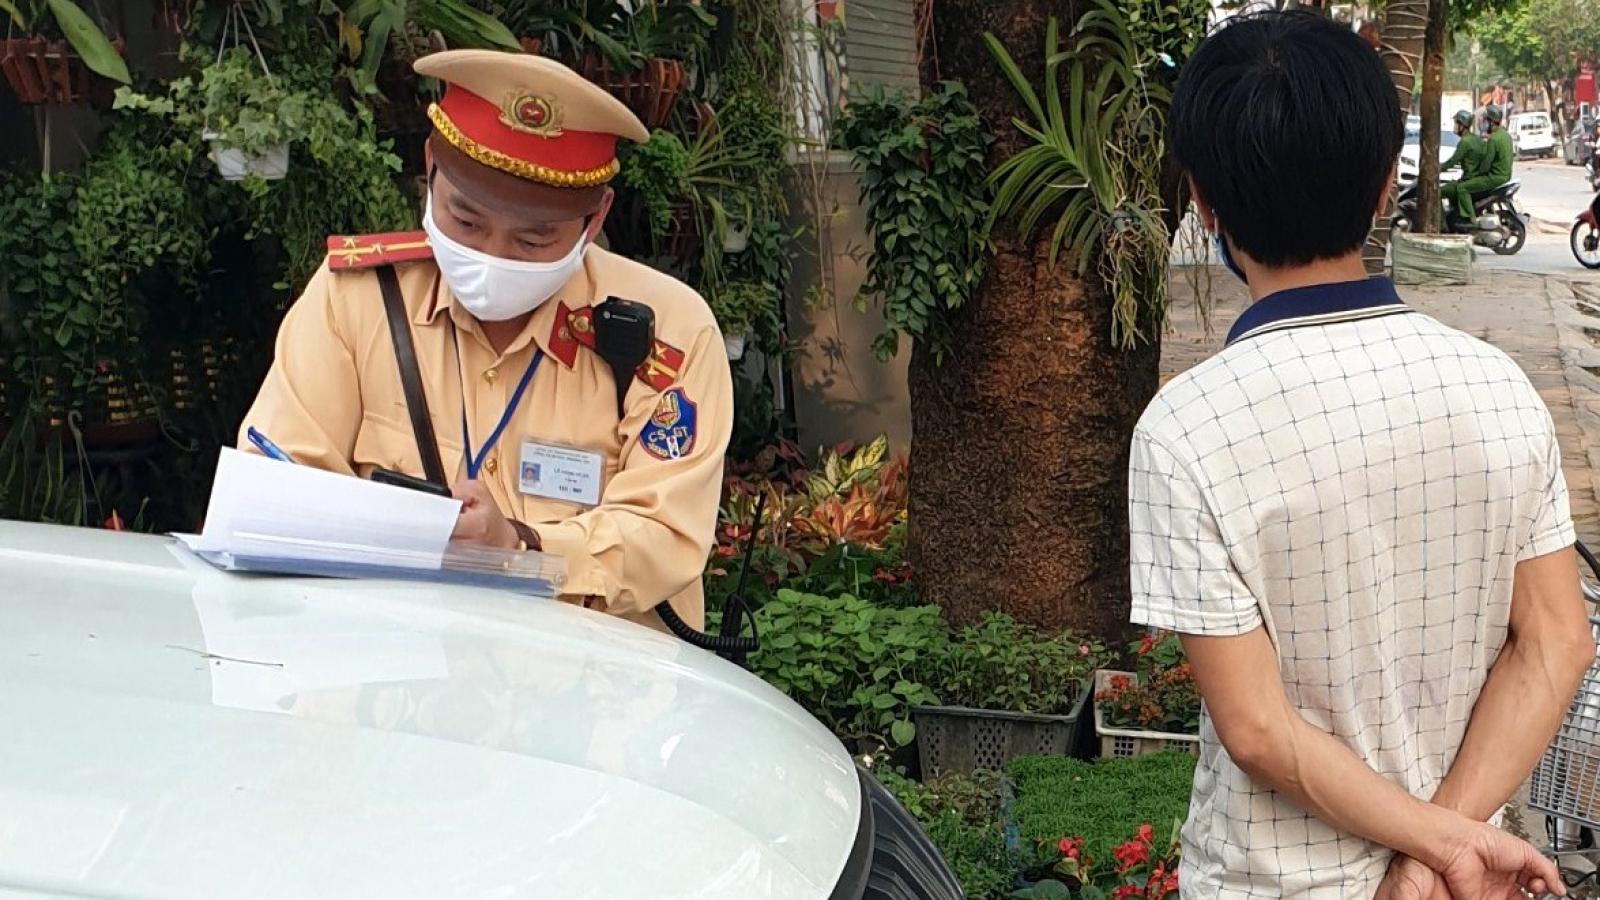 Phạt hành chính 2 thanh niên không đeo khẩu trang nơi công cộng